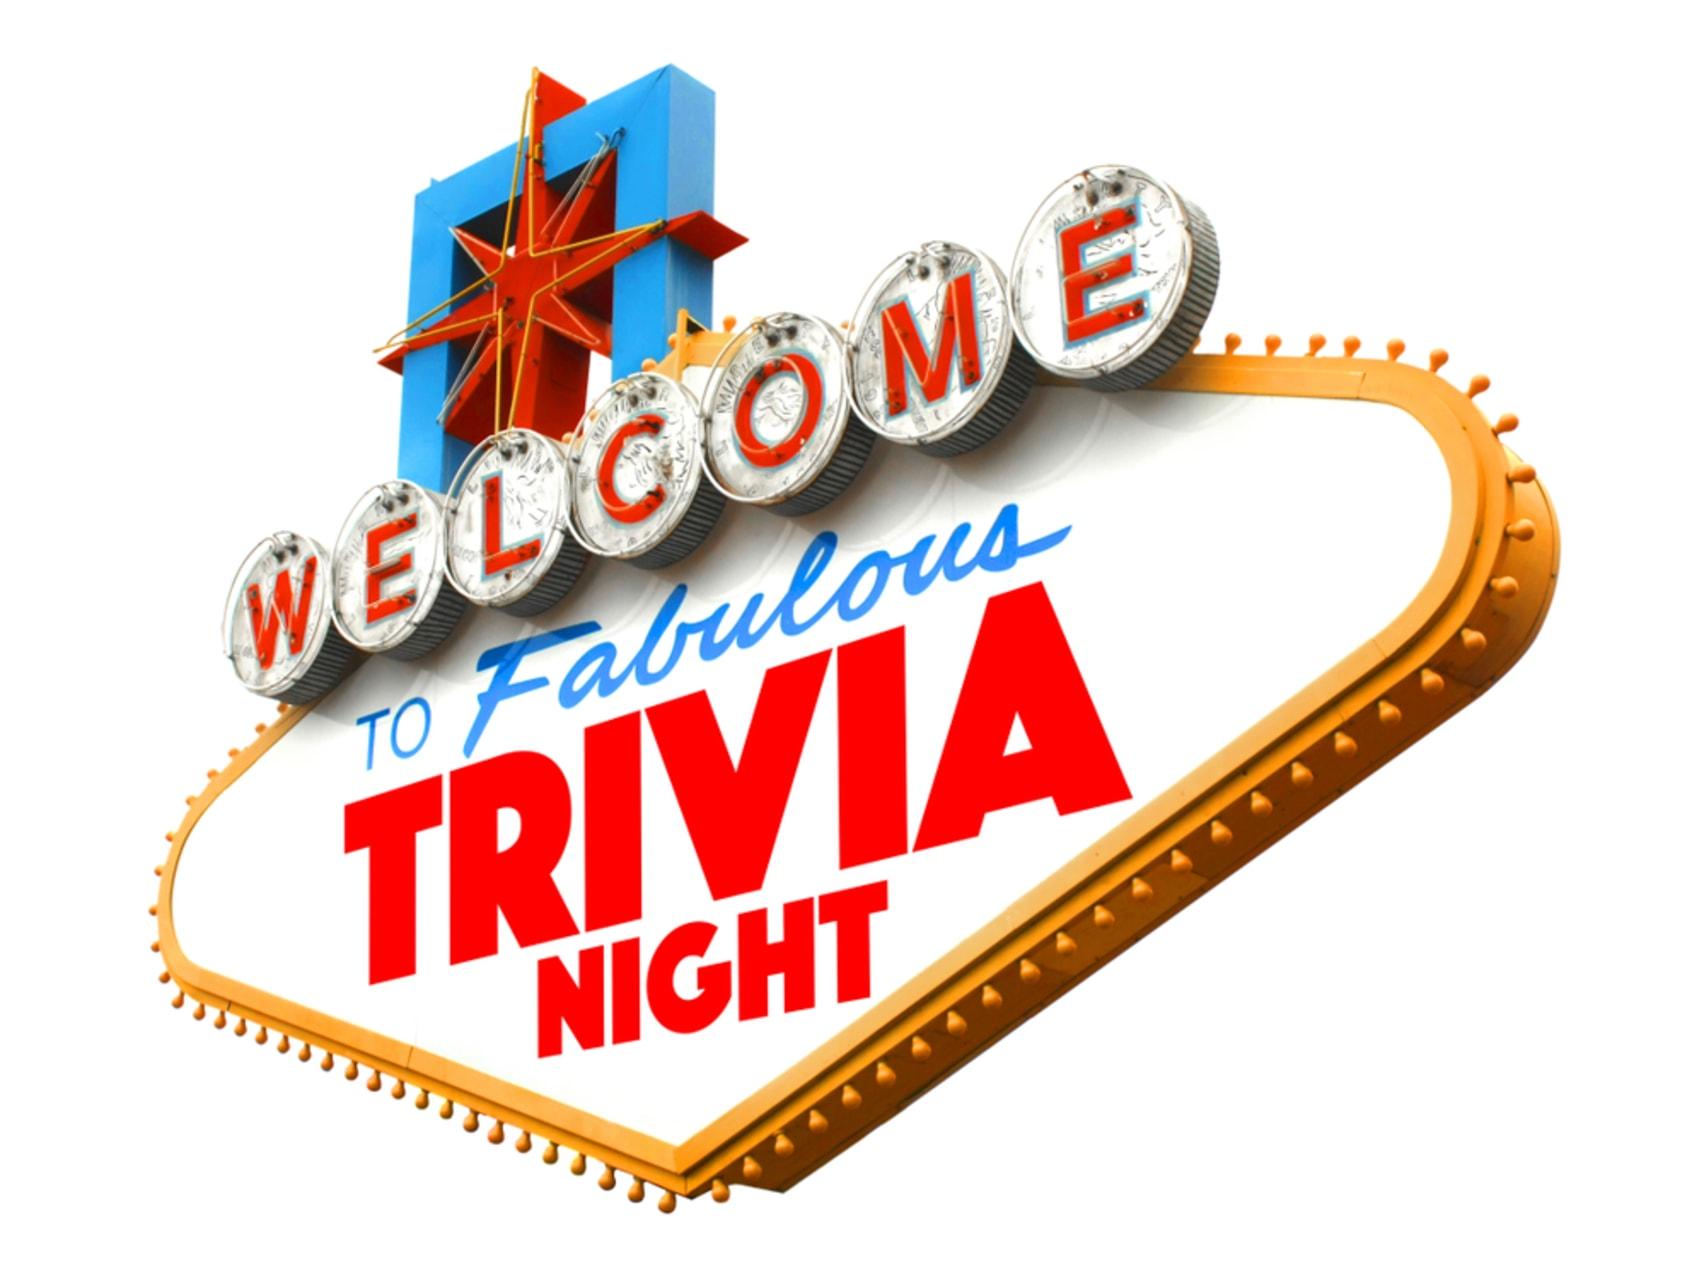 Melbourne - Fun Australian Trivia Night! (With Prizes)